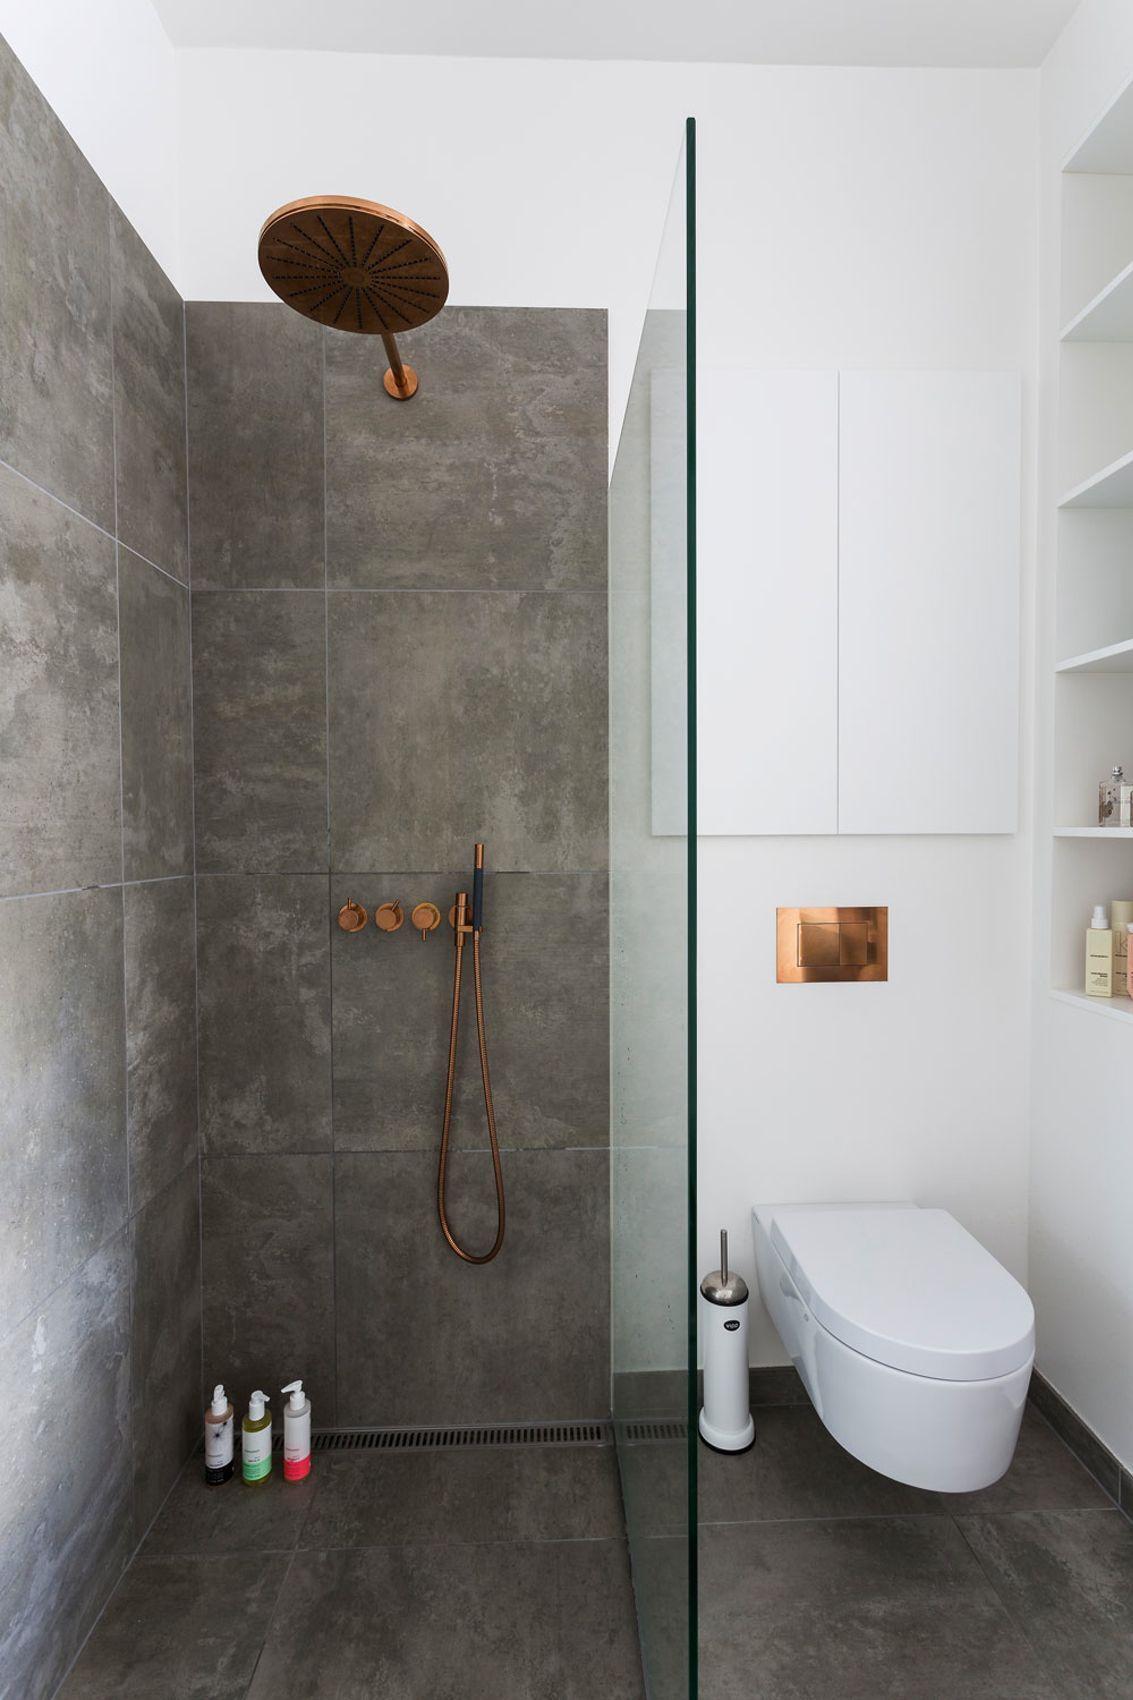 Bad Med Spafolelse Bo Bedre No Like By Dia Art Travel Artribute Diaism Tjann Tjantek Art Space Small Bathroom Makeover Small Bathroom Remodel Small Bathroom